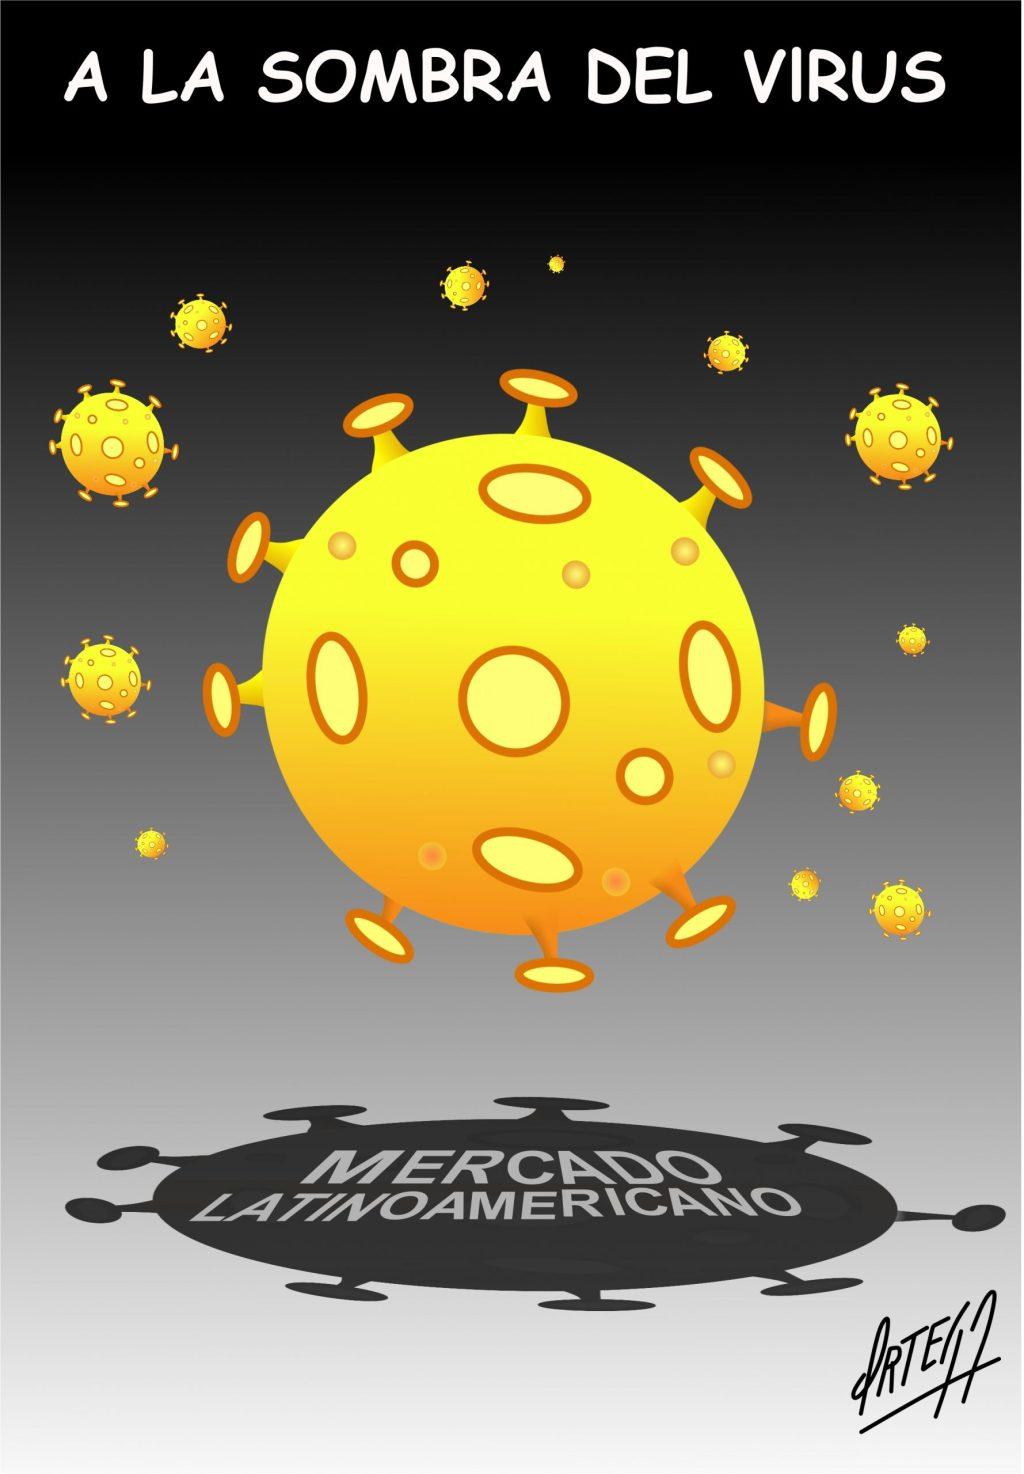 El impacto económico del Corona Virus en Latinoamérica